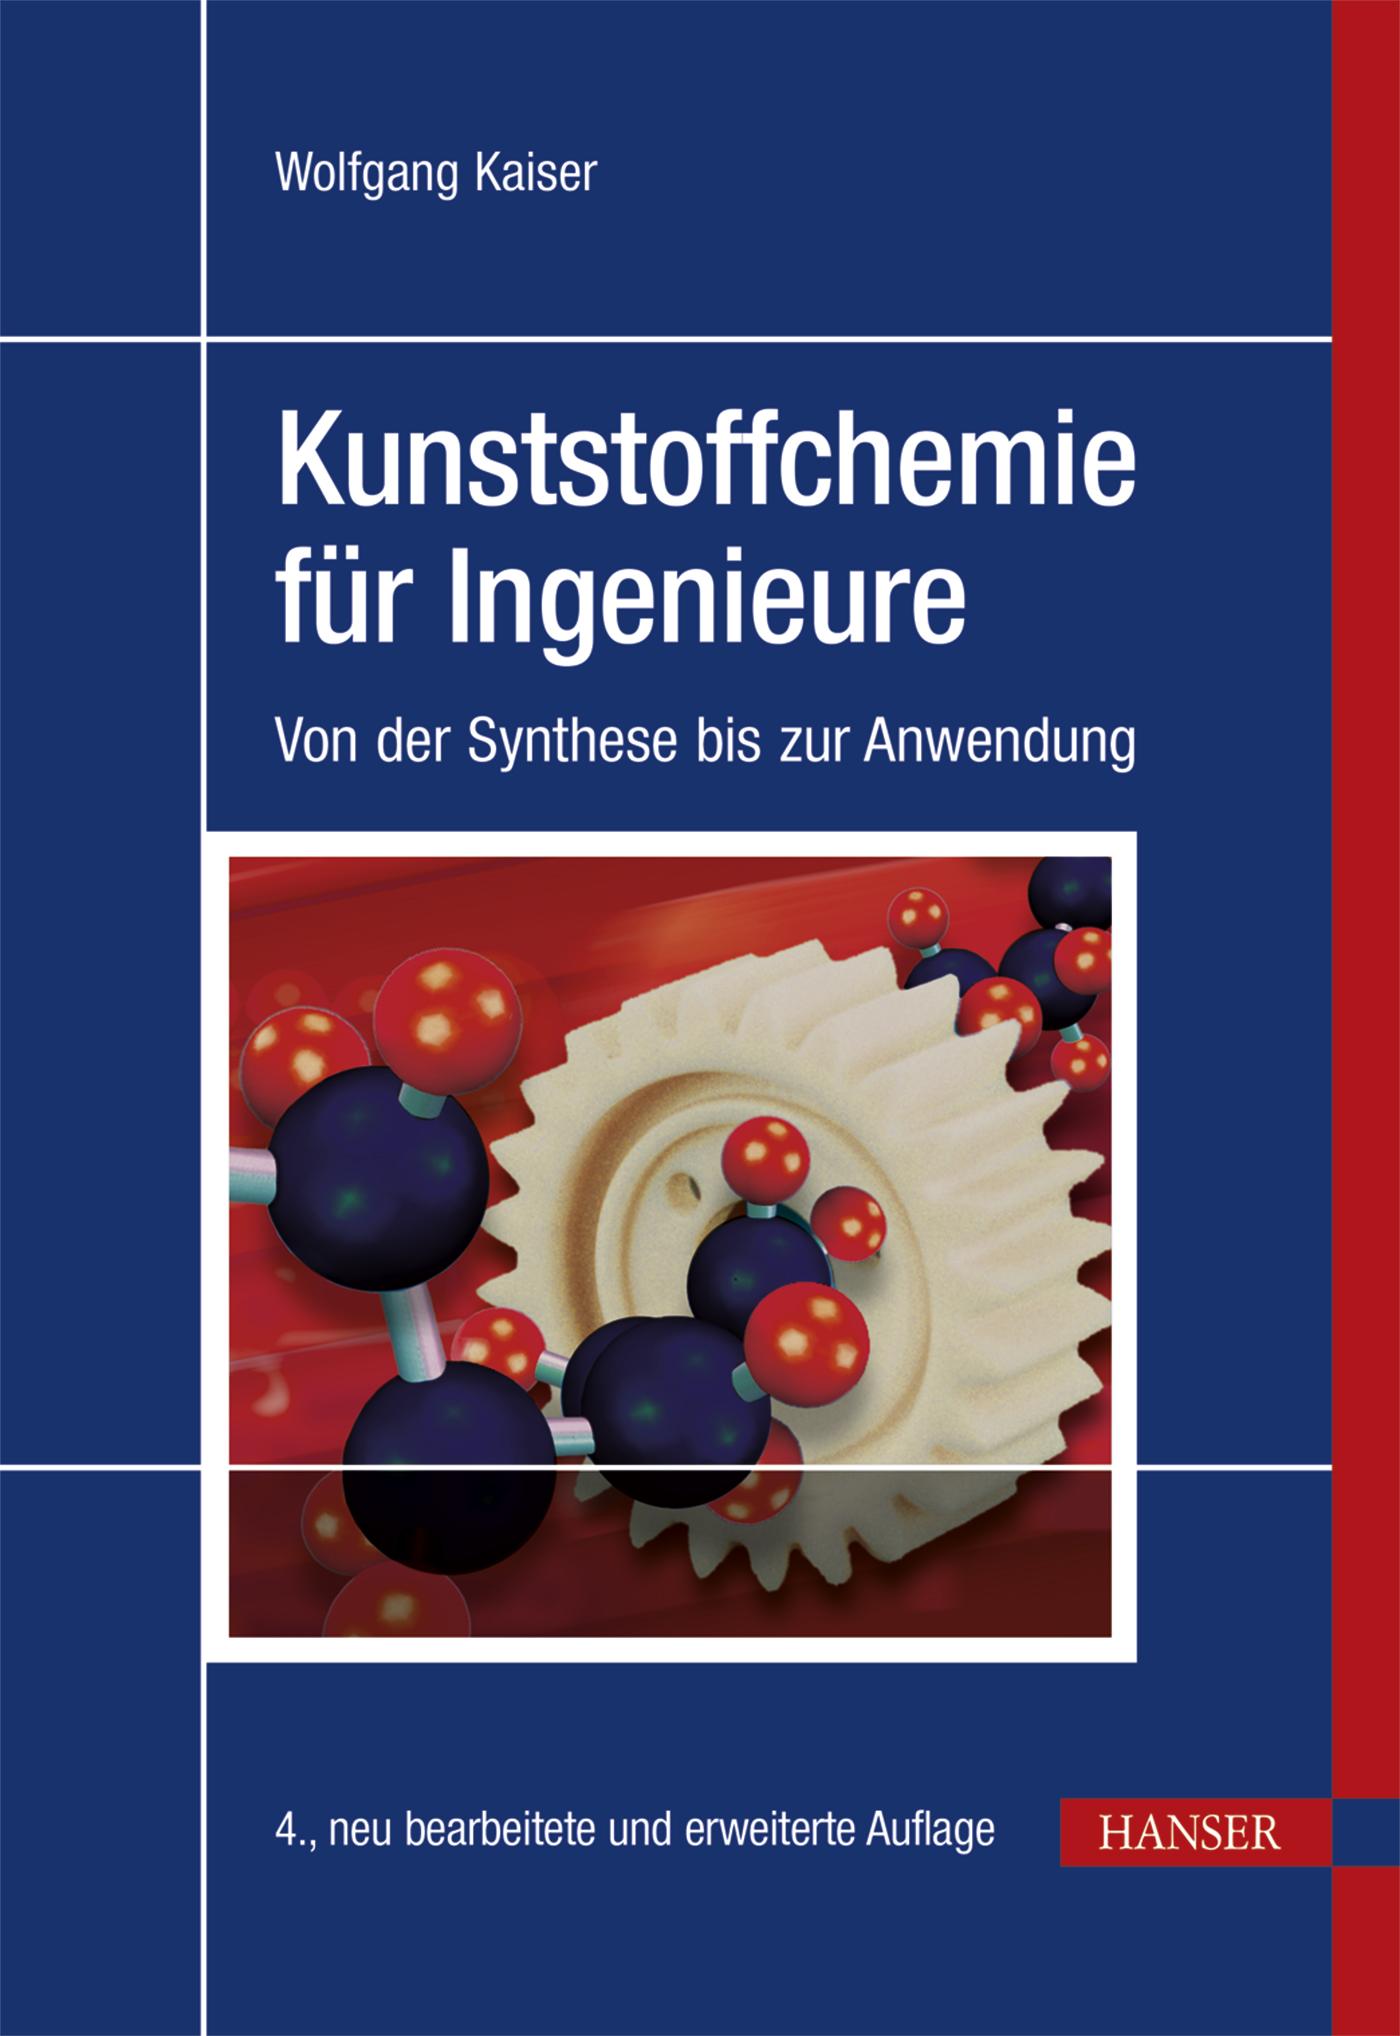 Kaiser, Kunststoffchemie für Ingenieure, 978-3-446-44638-0